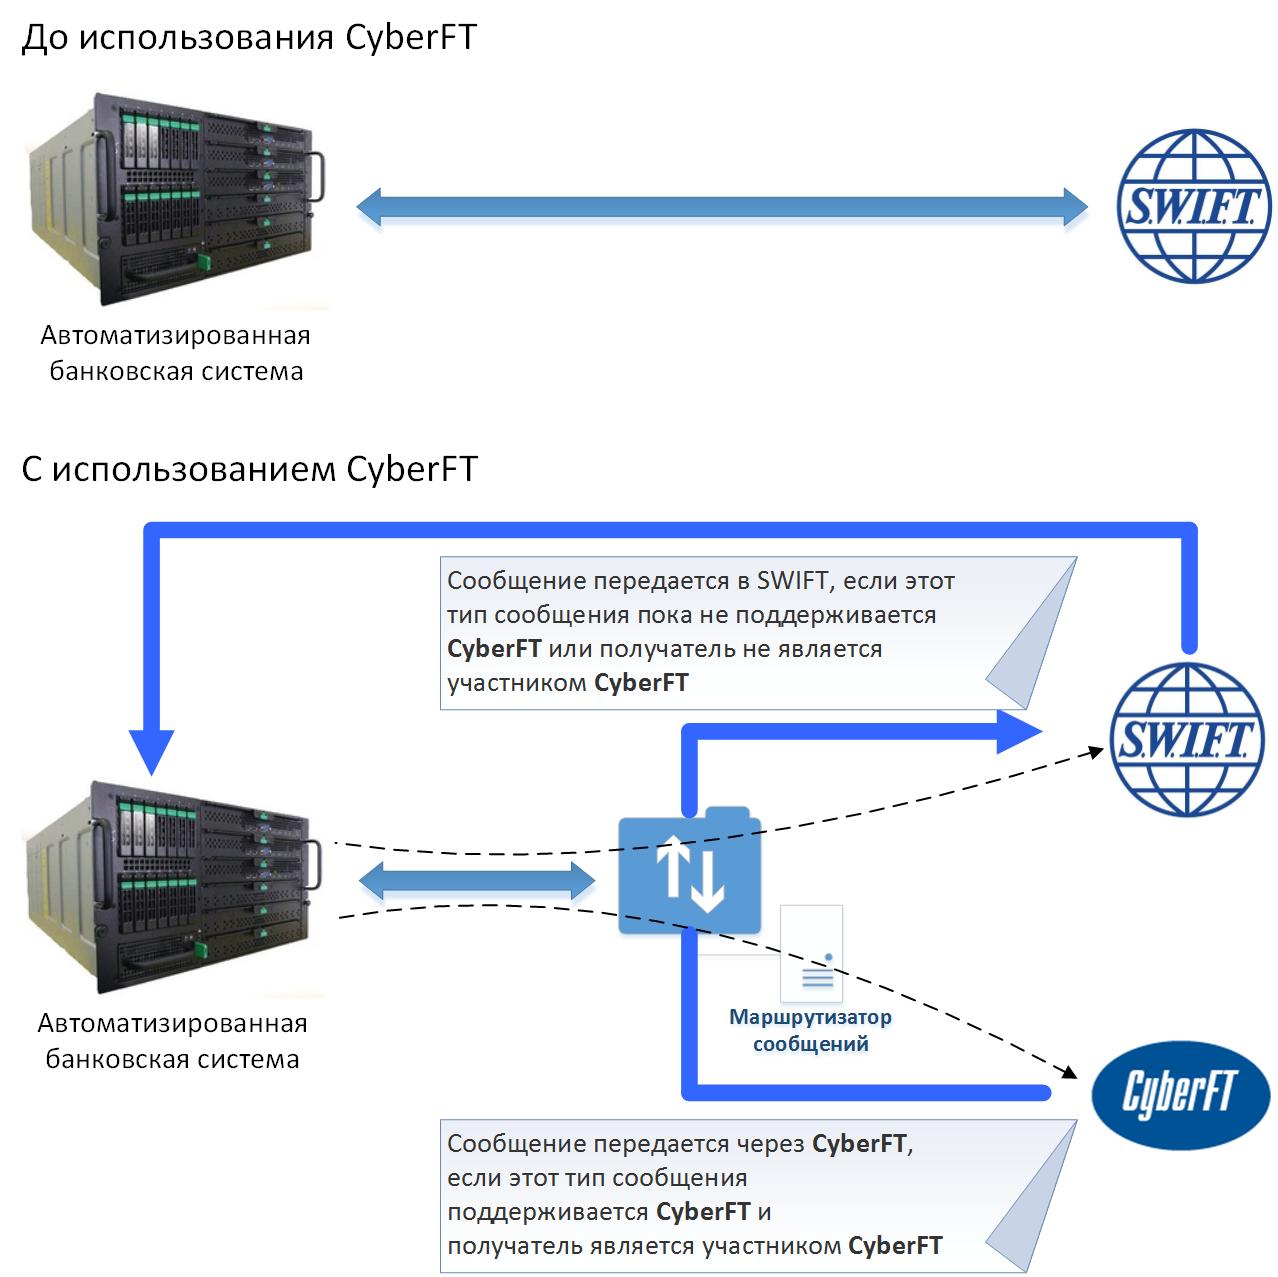 Что такое swift код банка? как устроена система переводов свифт?